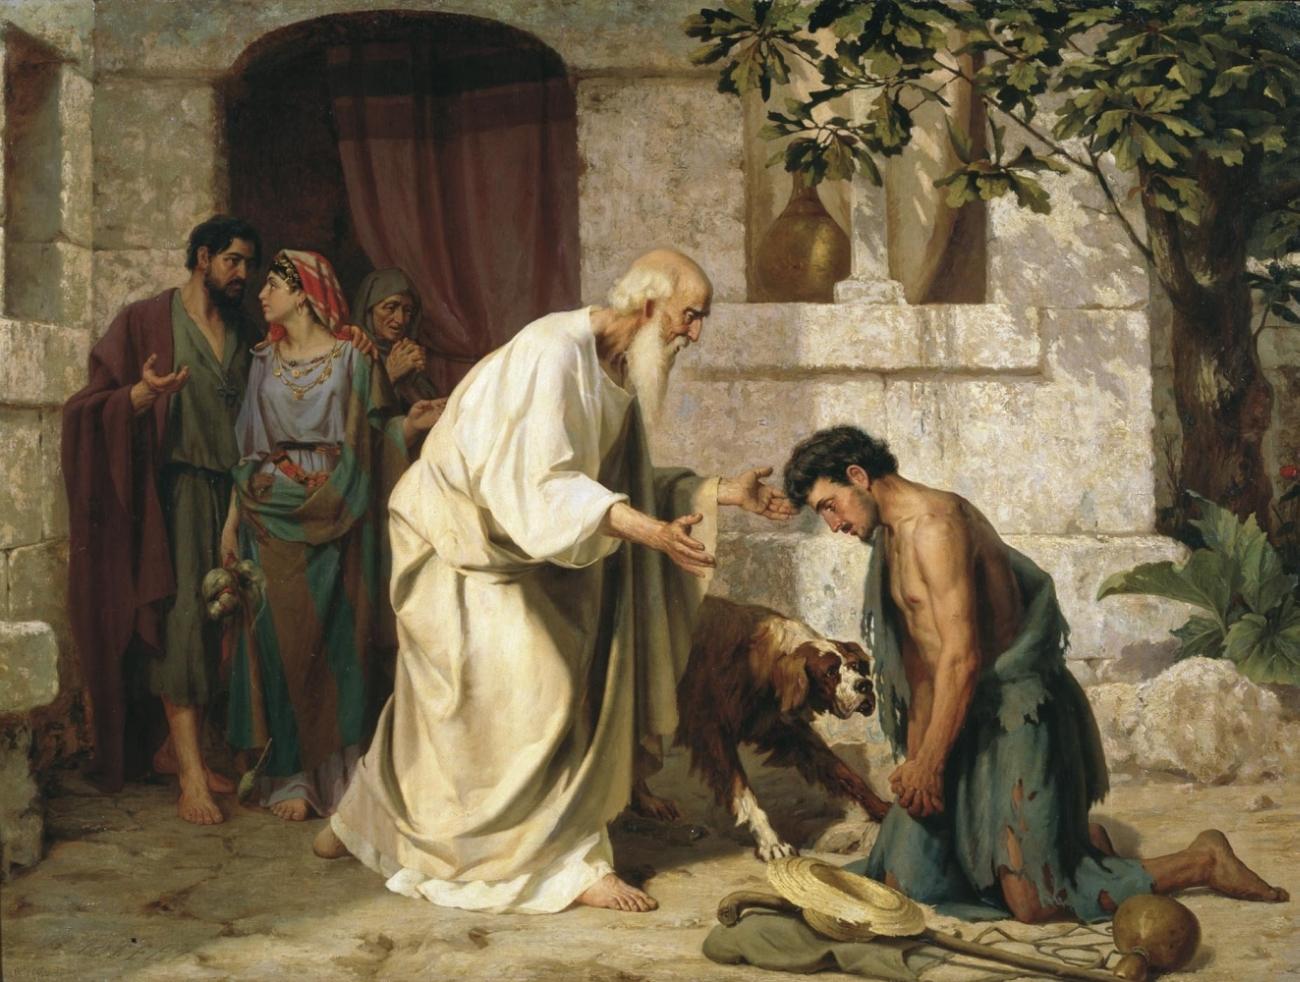 вареники примеры и иллюстрации к проповедям емкость имеет